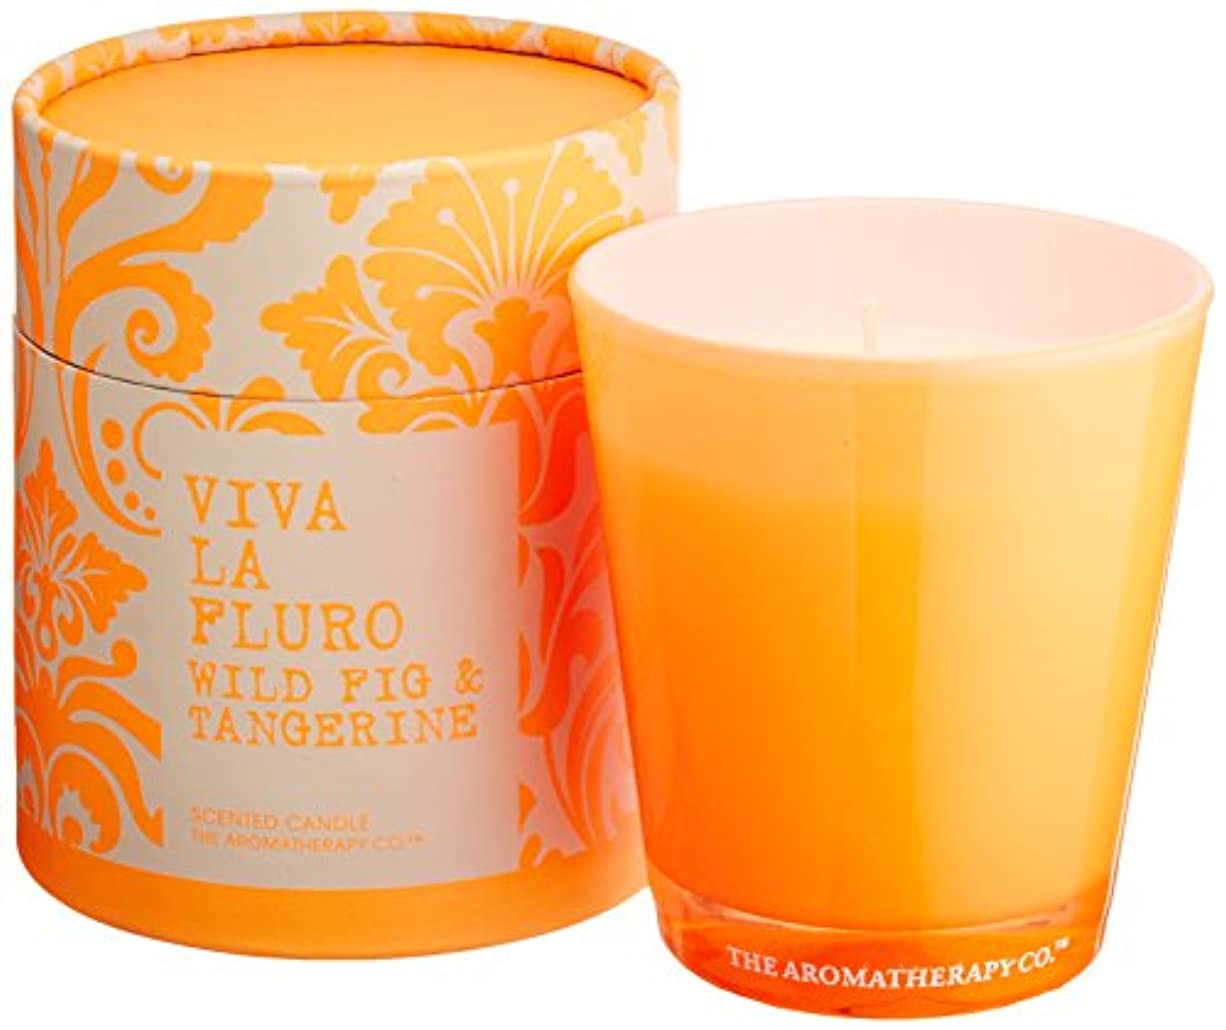 封筒合わせて醜いVIVA LA FLURO センティッドキャンドル ワイルドフィグ&タンジェリン Wild Fig&Tangerine ビバ?ラ?フルーロ